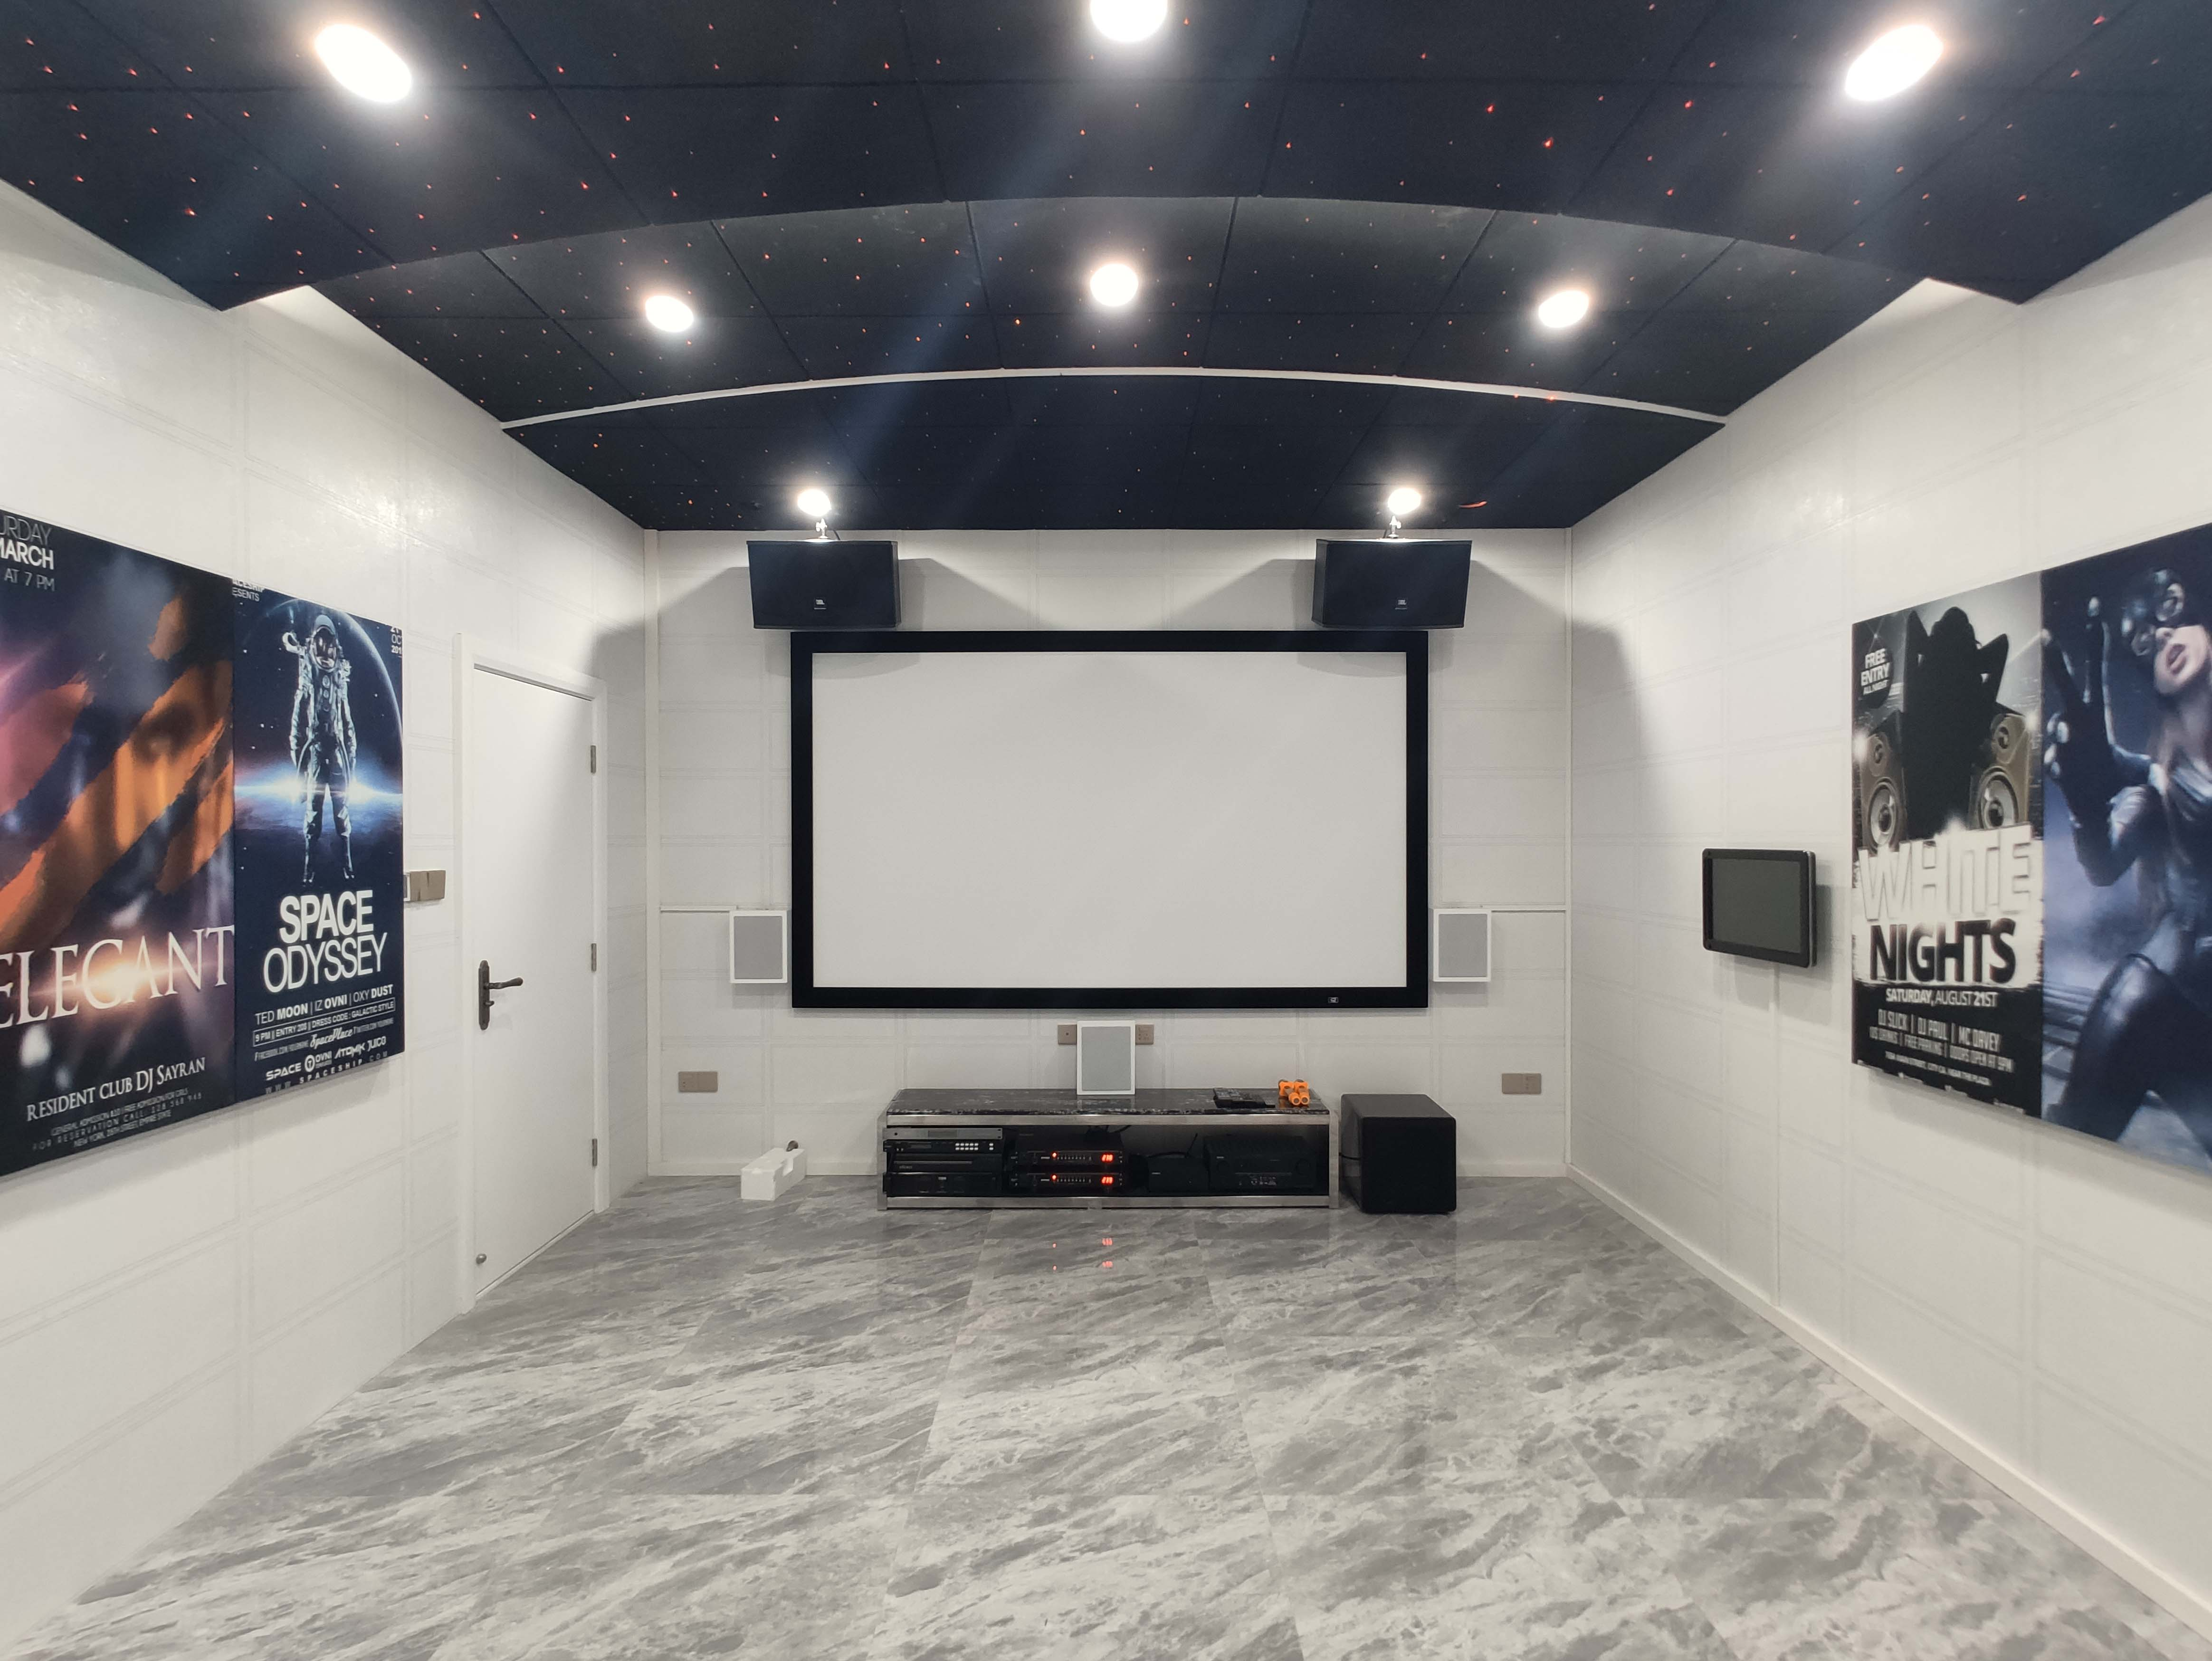 广州水悦龙湾家庭影院KTV案例装修设计解决方案分享